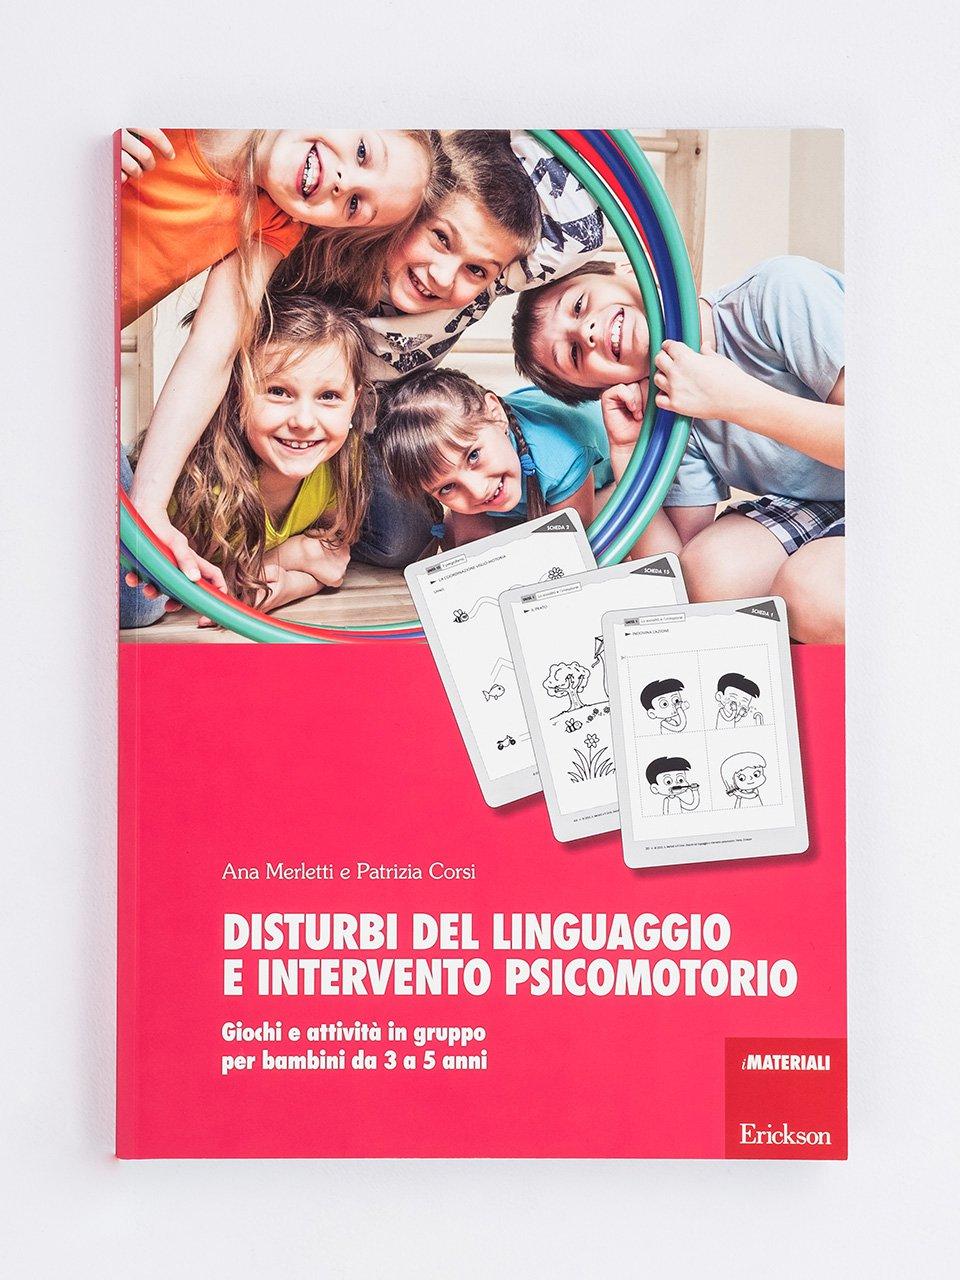 Disturbi del linguaggio e intervento psicomotorio - Logopedia e comunicazione - corso online 25 ECM - Formazione - Erickson